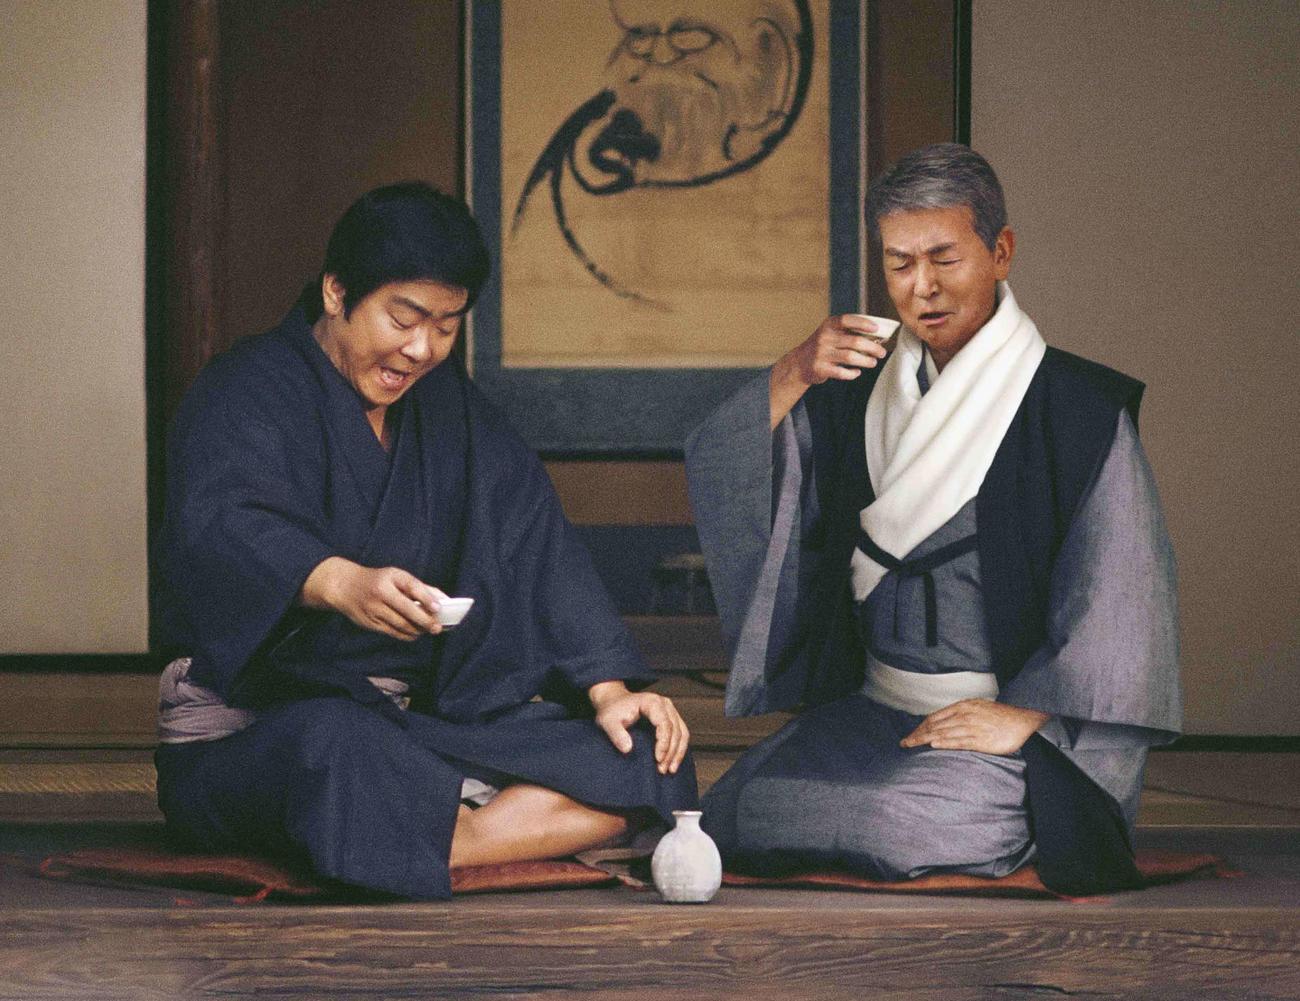 石原裕次郎さん(左)、渡哲也が編集技術で共演する宝酒造「松竹梅」新CM